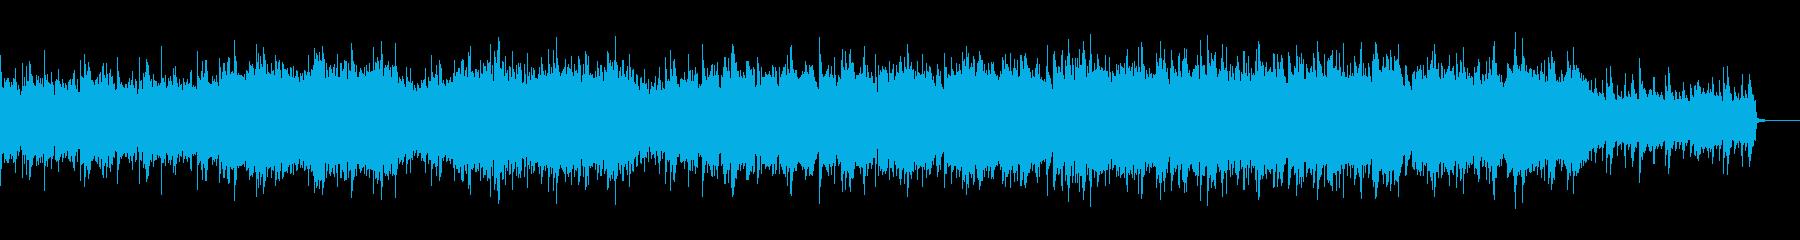 古代エジプトの物語 エンディングの再生済みの波形